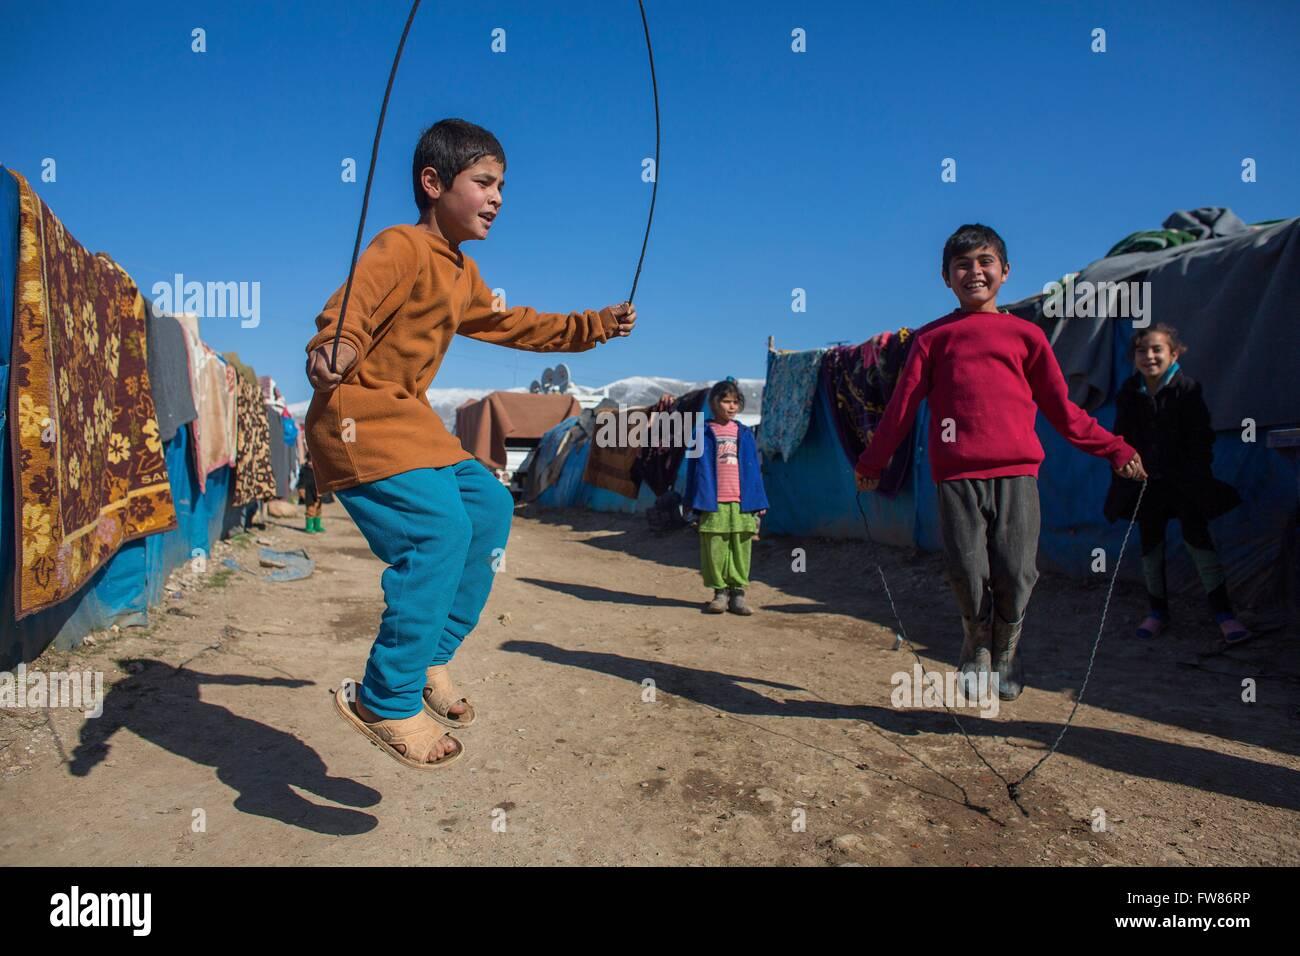 Los niños saltar la cuerda en un campamento de refugiados en el norte de Irak Imagen De Stock